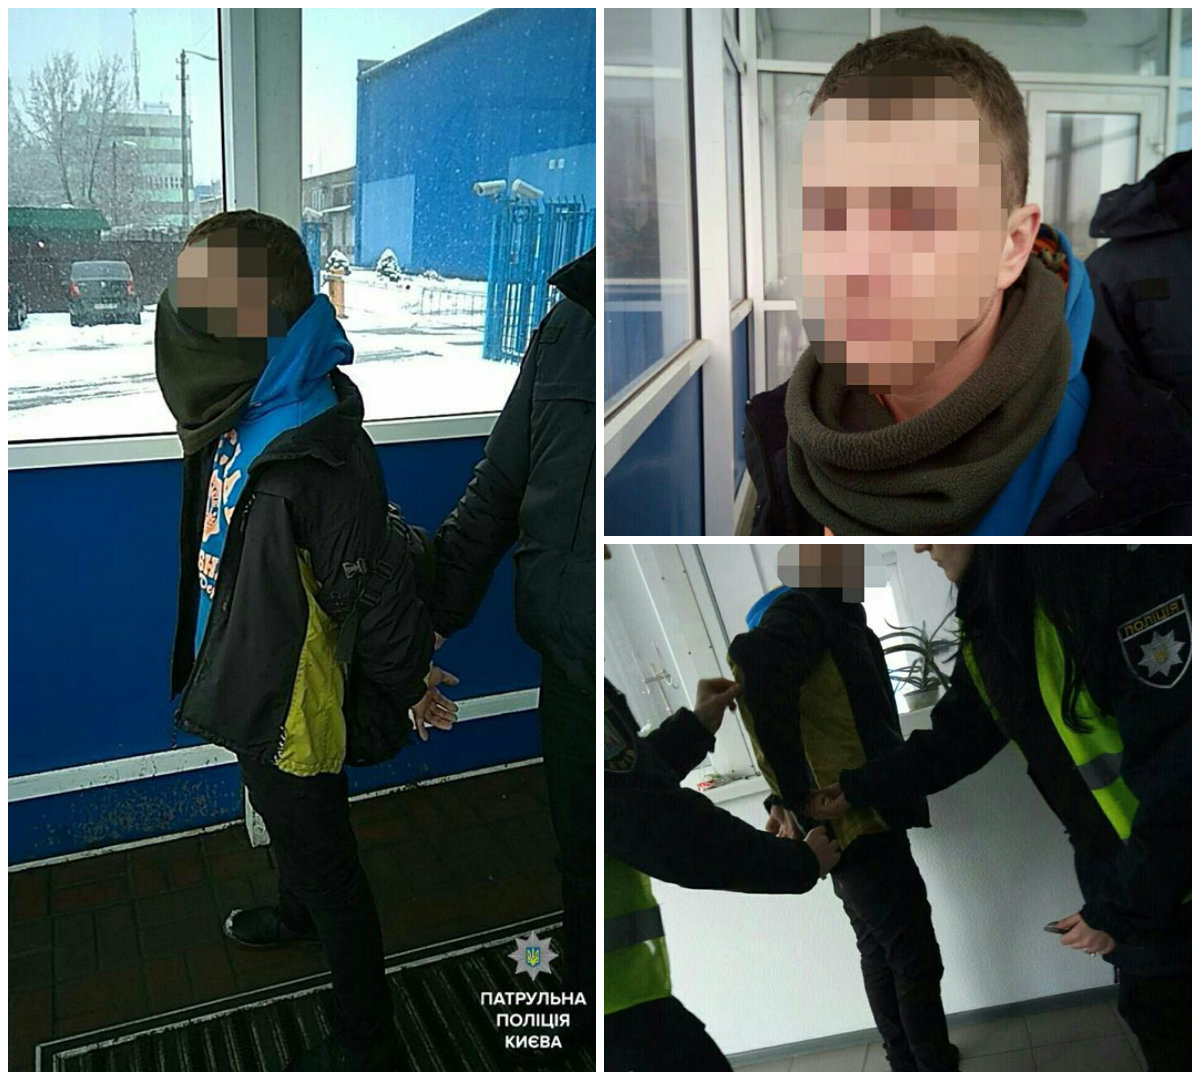 Военный вернулся из АТО и убил мужчину в Киеве